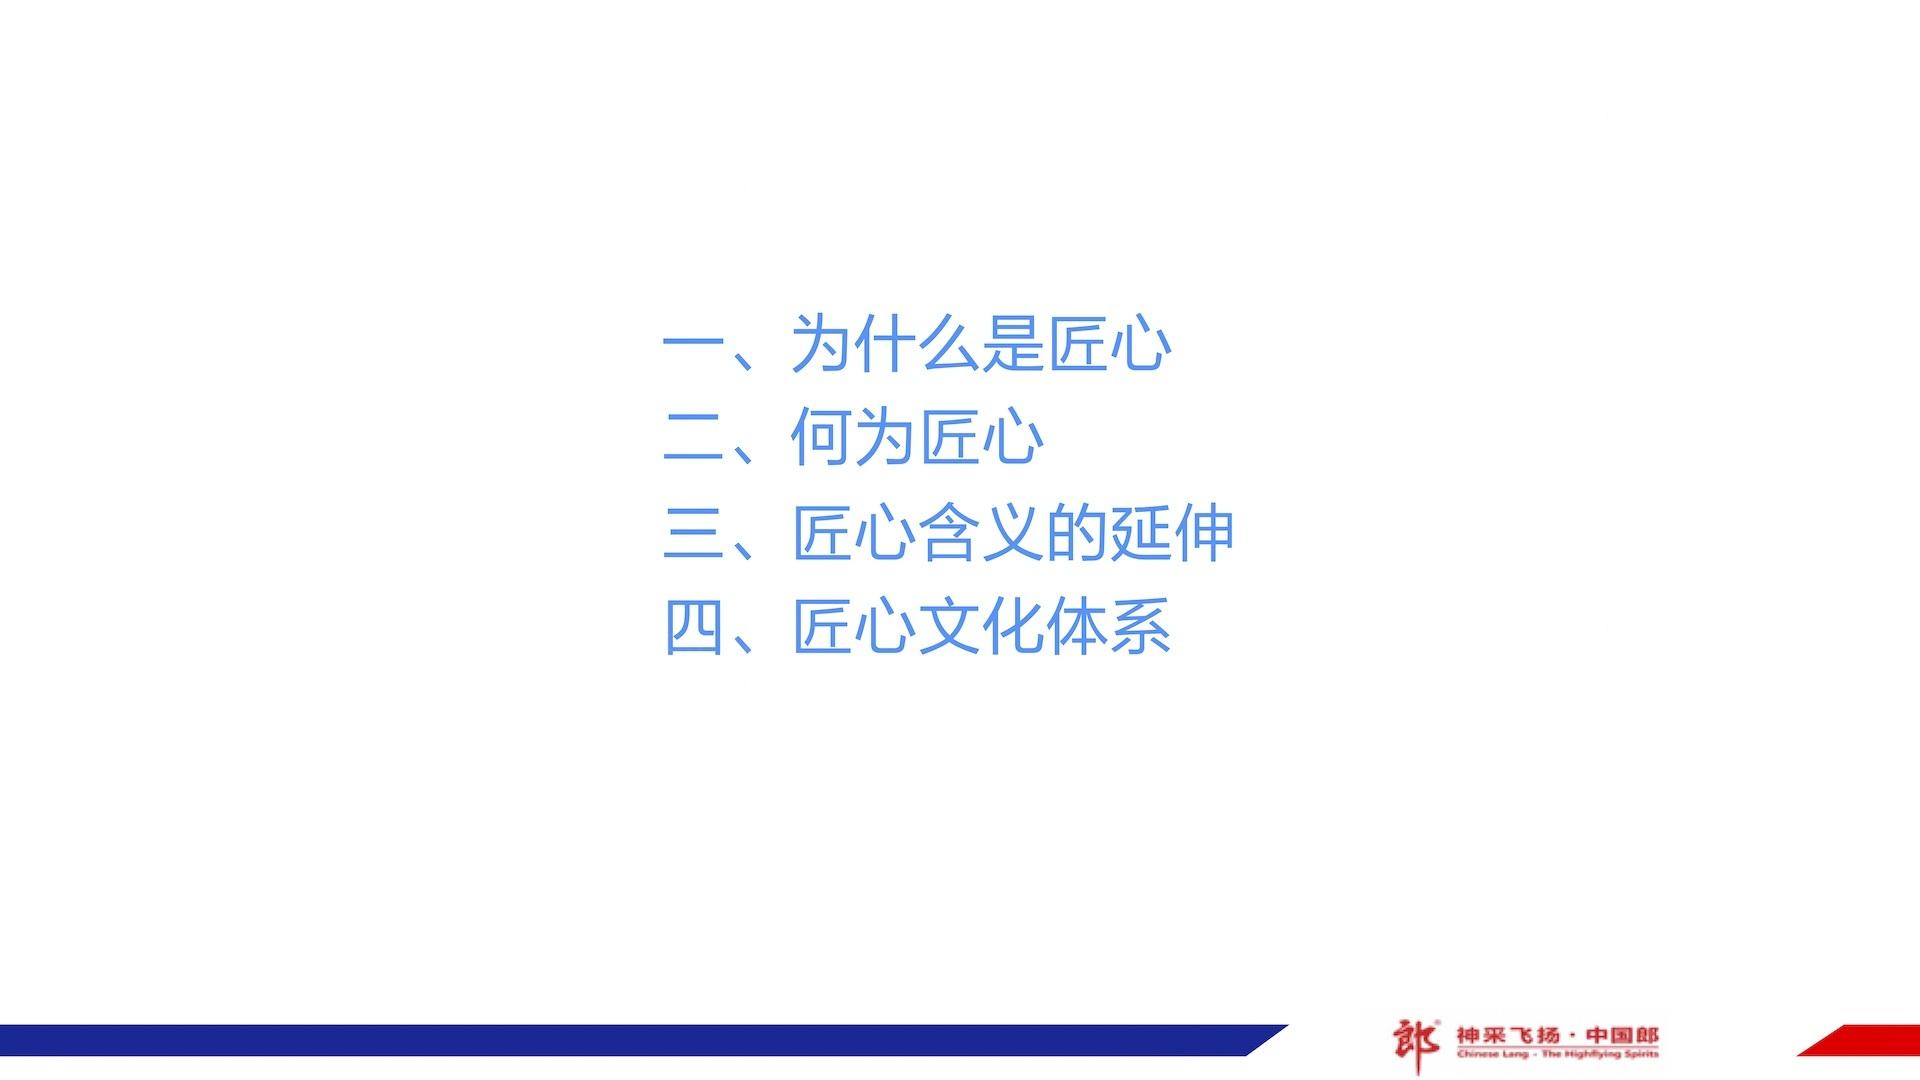 品牌战略&企业文化郎酒企业文化体系方案应用场景_5